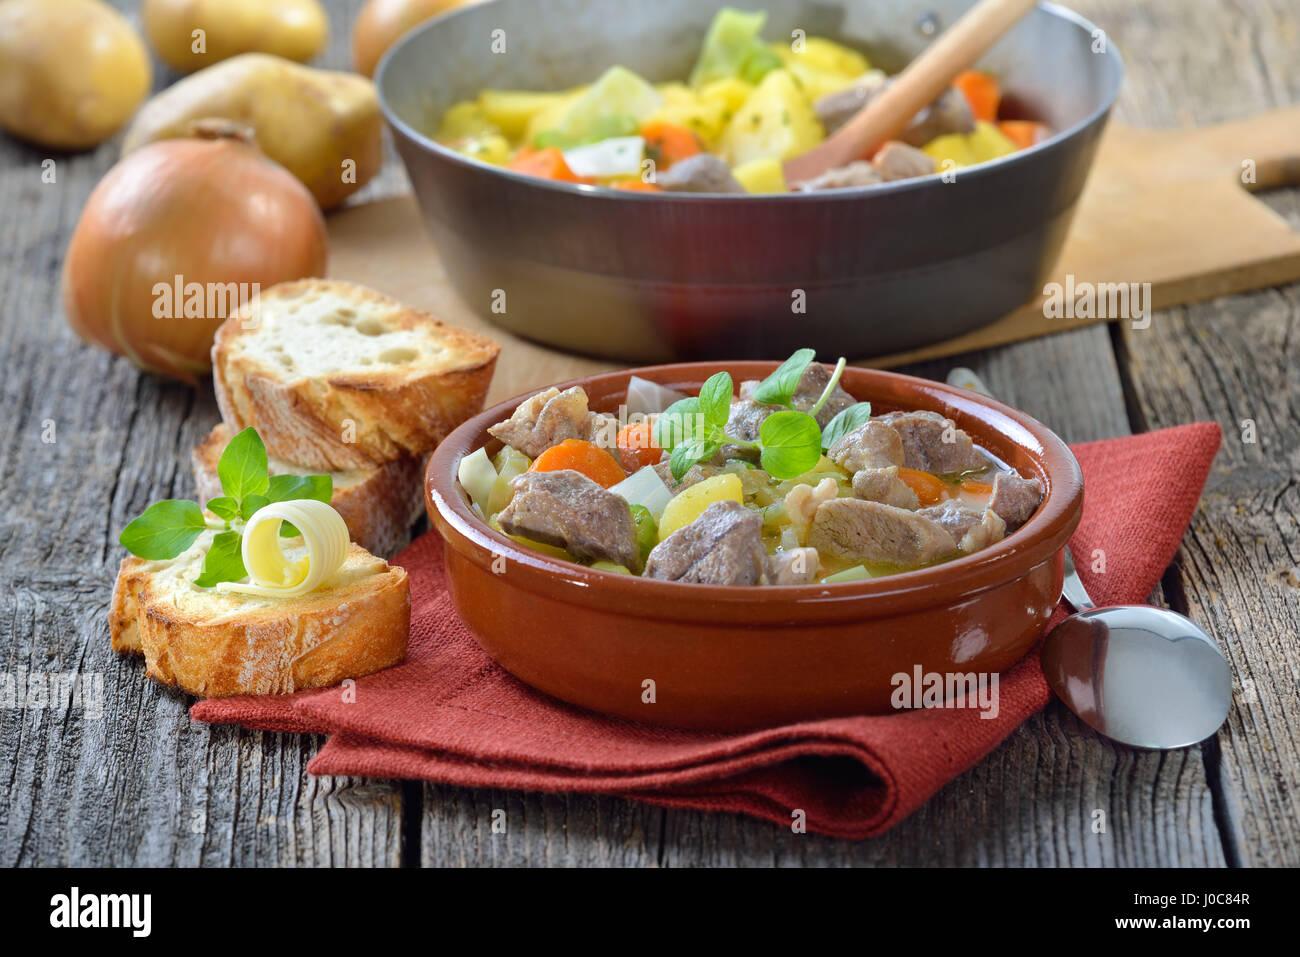 Casera y cocinado lentamente estofado irlandés, con carne de cordero, patatas y otras legumbres Imagen De Stock